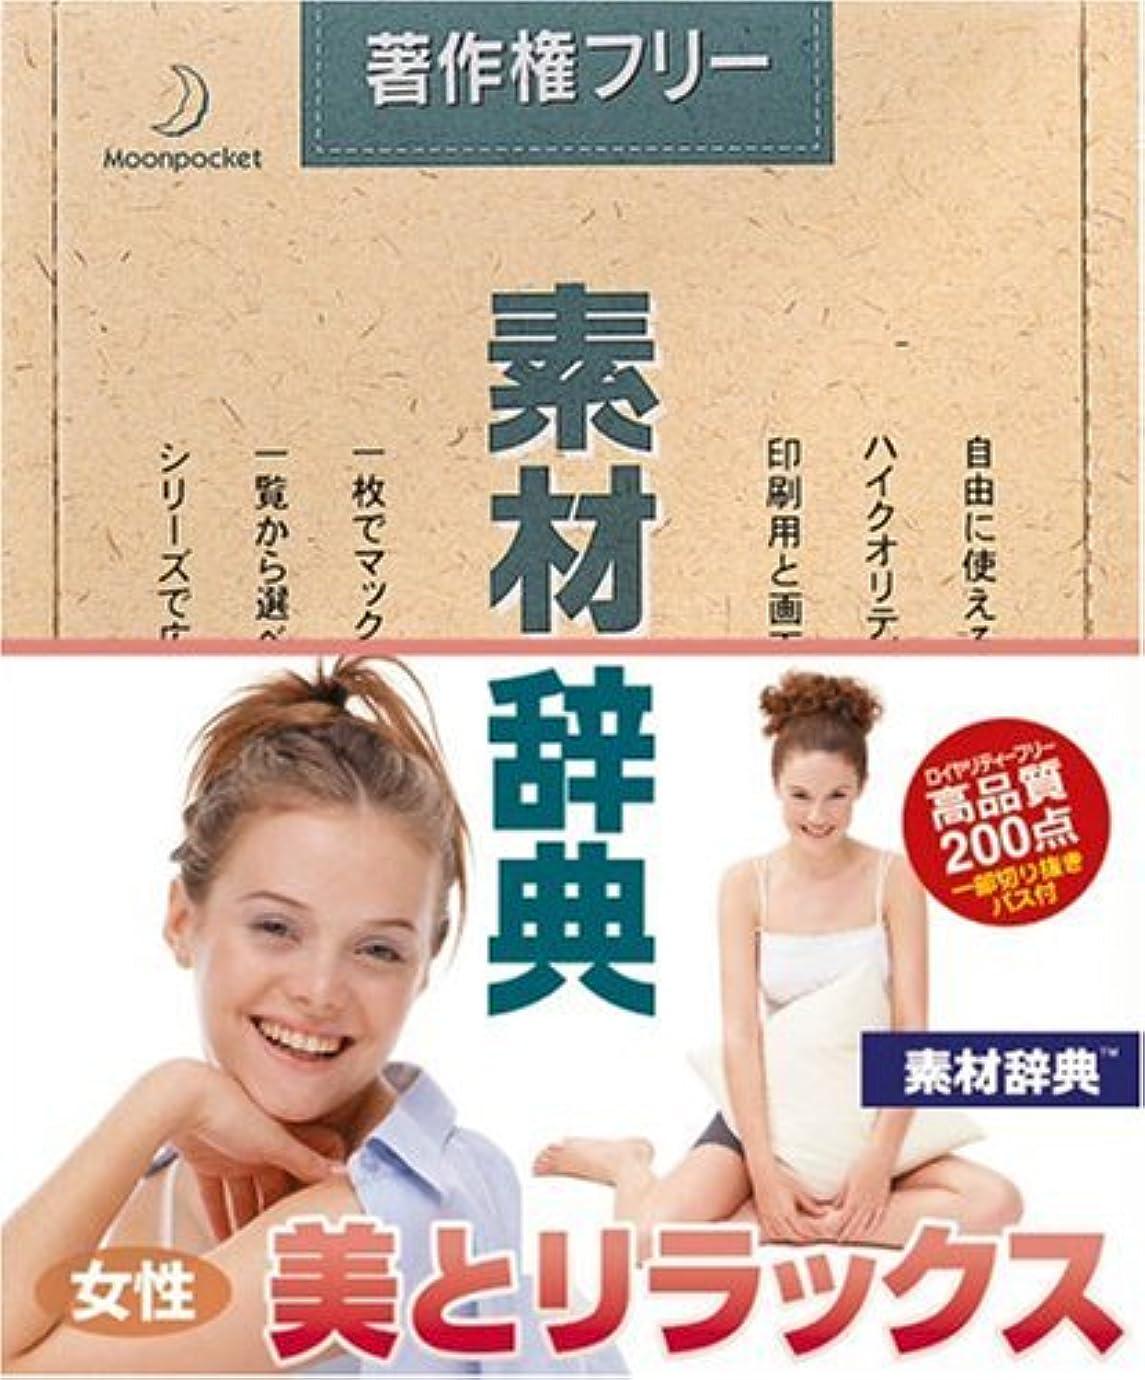 ステッチカール満員素材辞典 Vol.80 女性-美とリラックス編